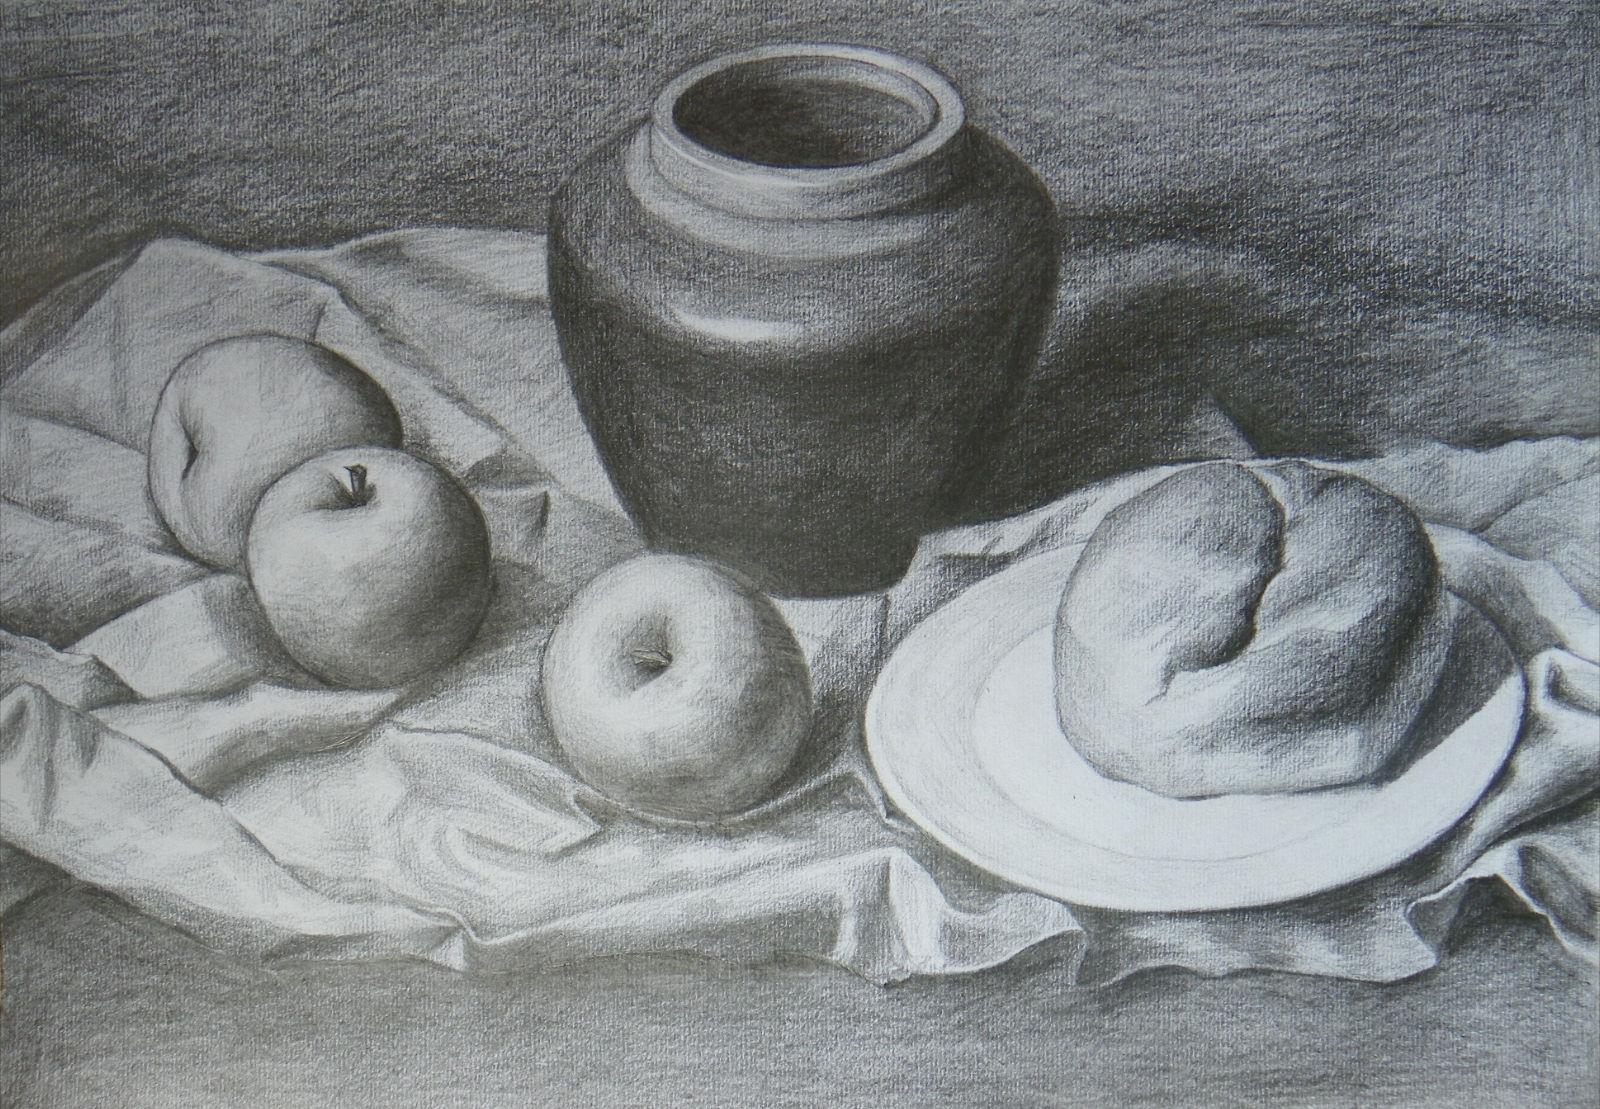 盘子苹果 素描结构